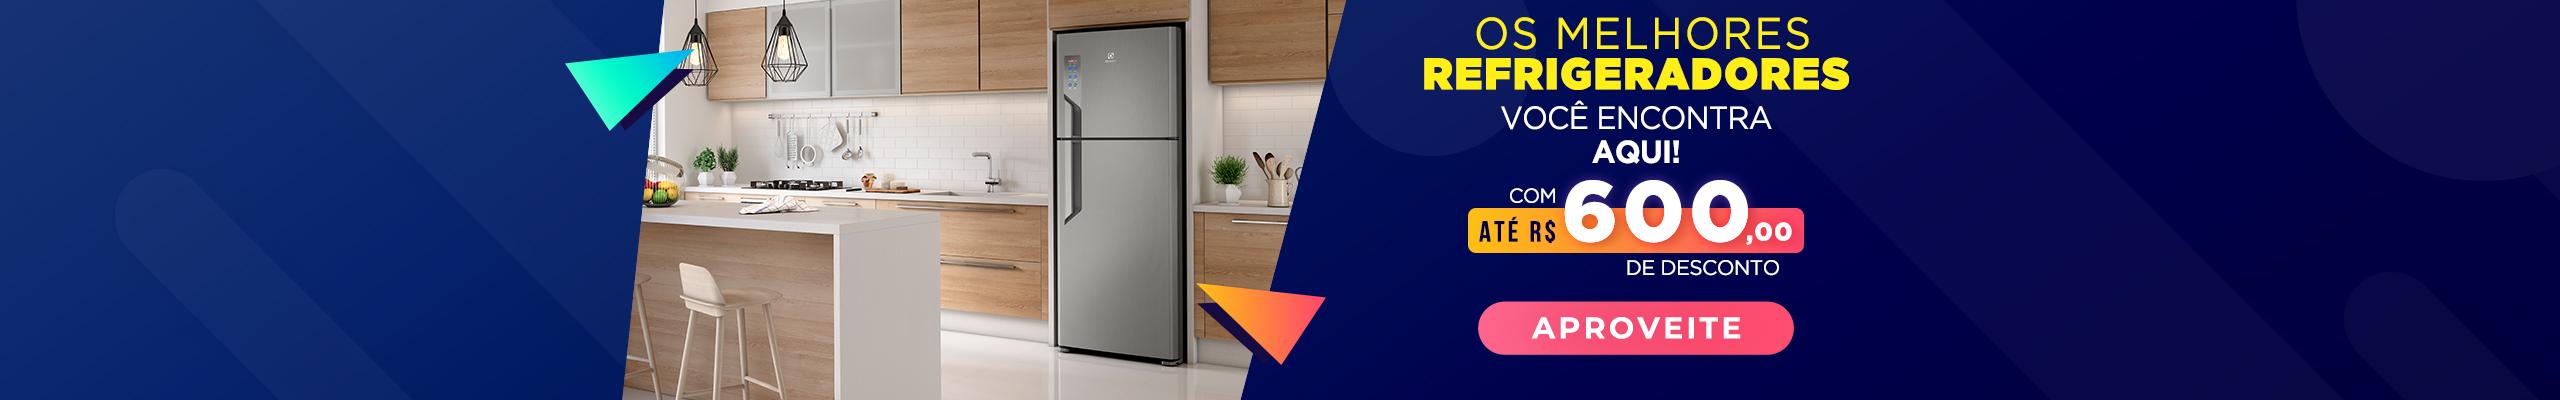 Os melhores refrigeradores | 27/01 a 02/02